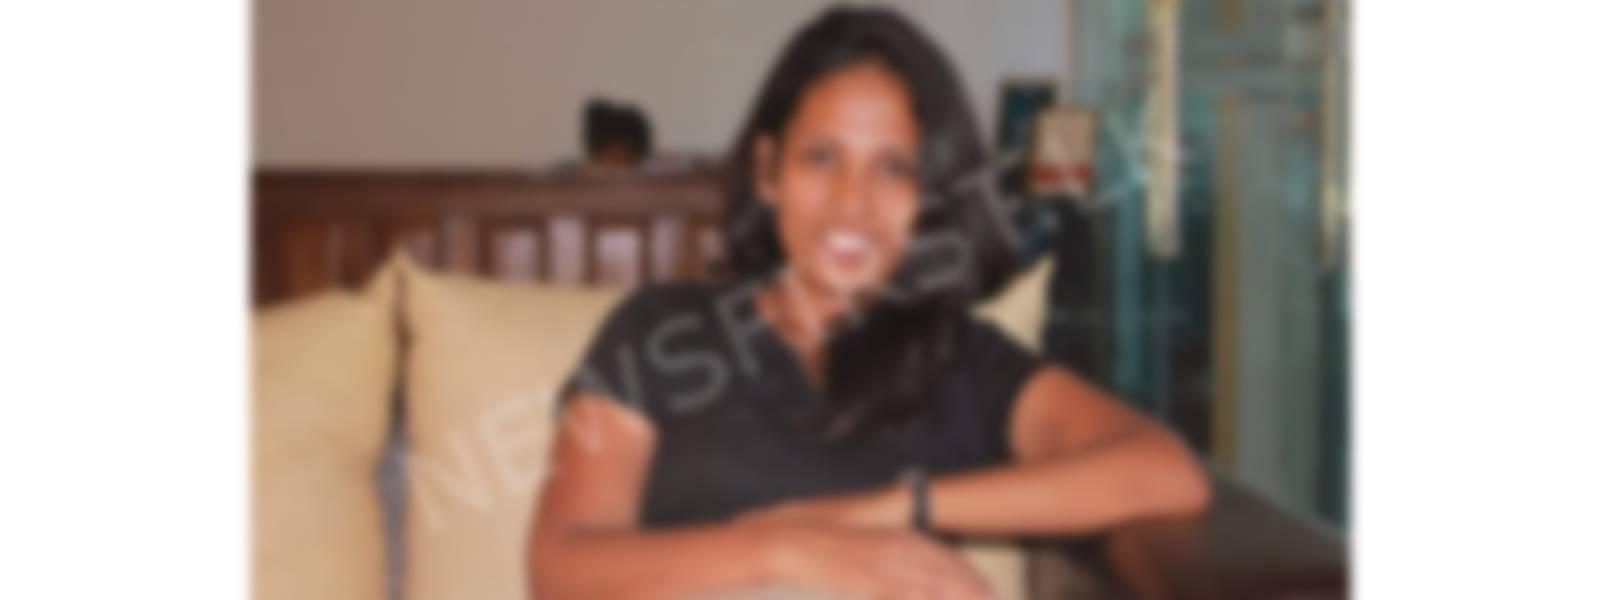 Dam Street Headless Body Identified: Police